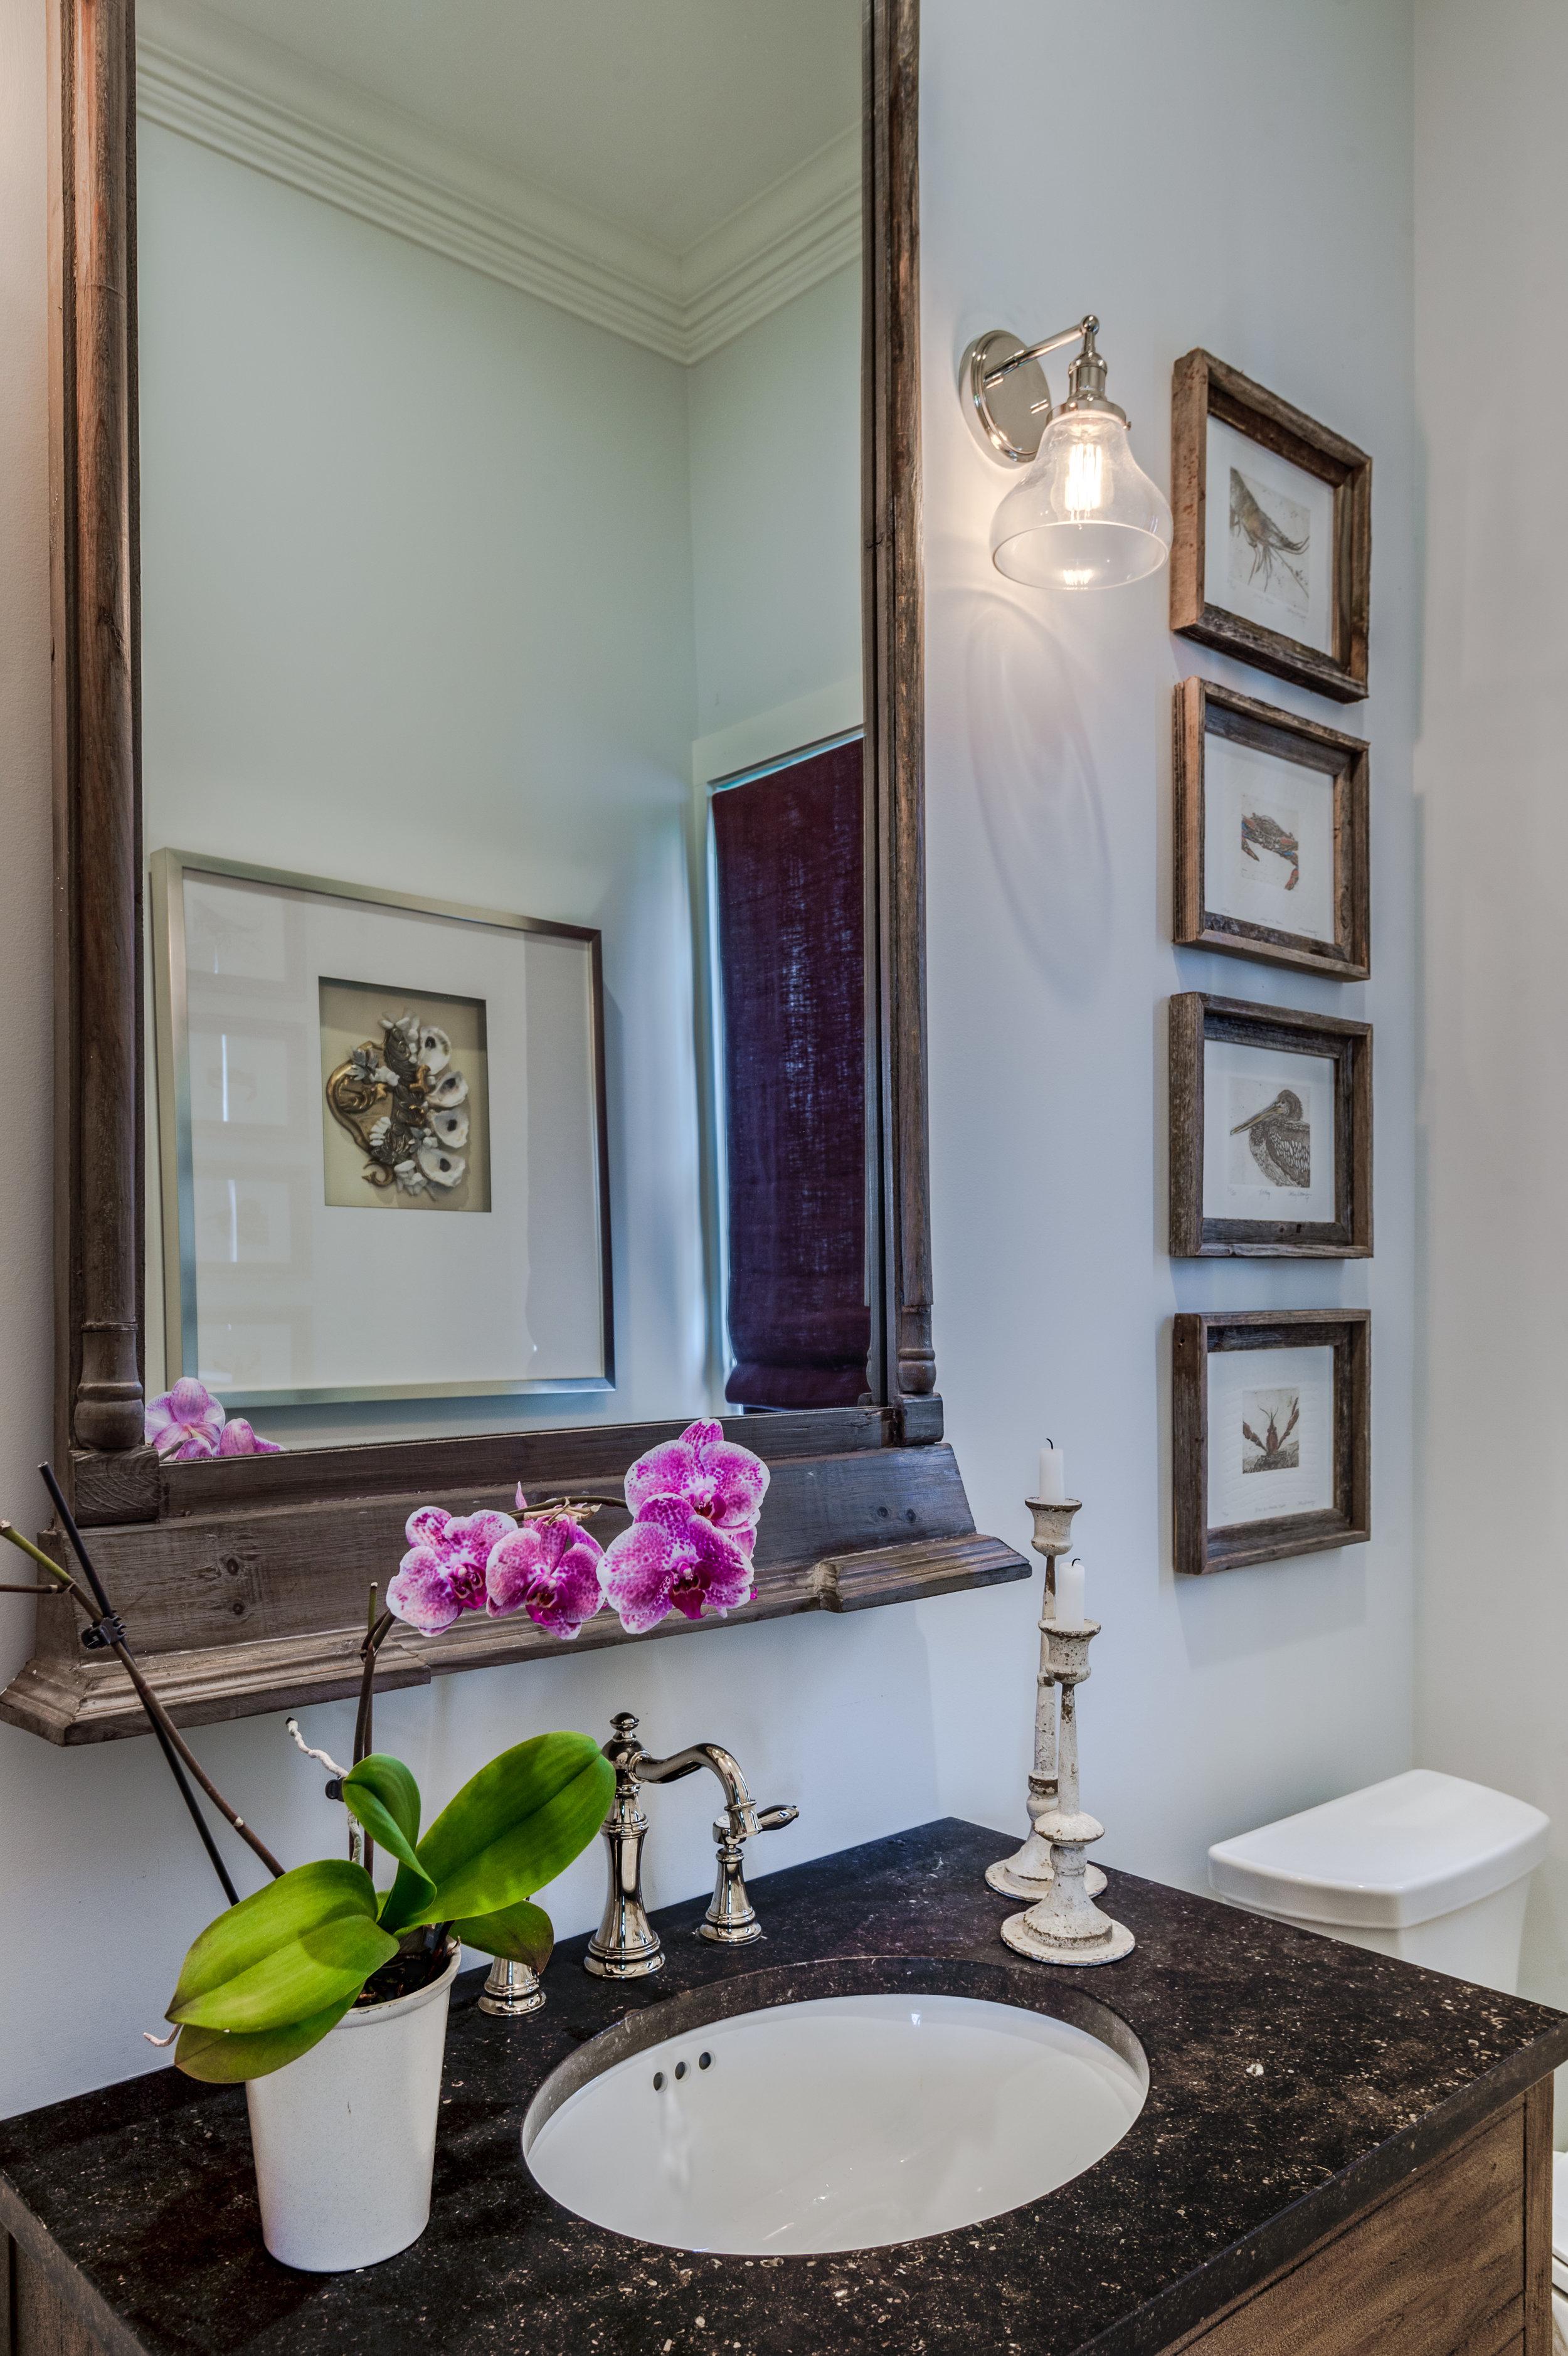 khb interiors old metairie interior designer new orleans decorator